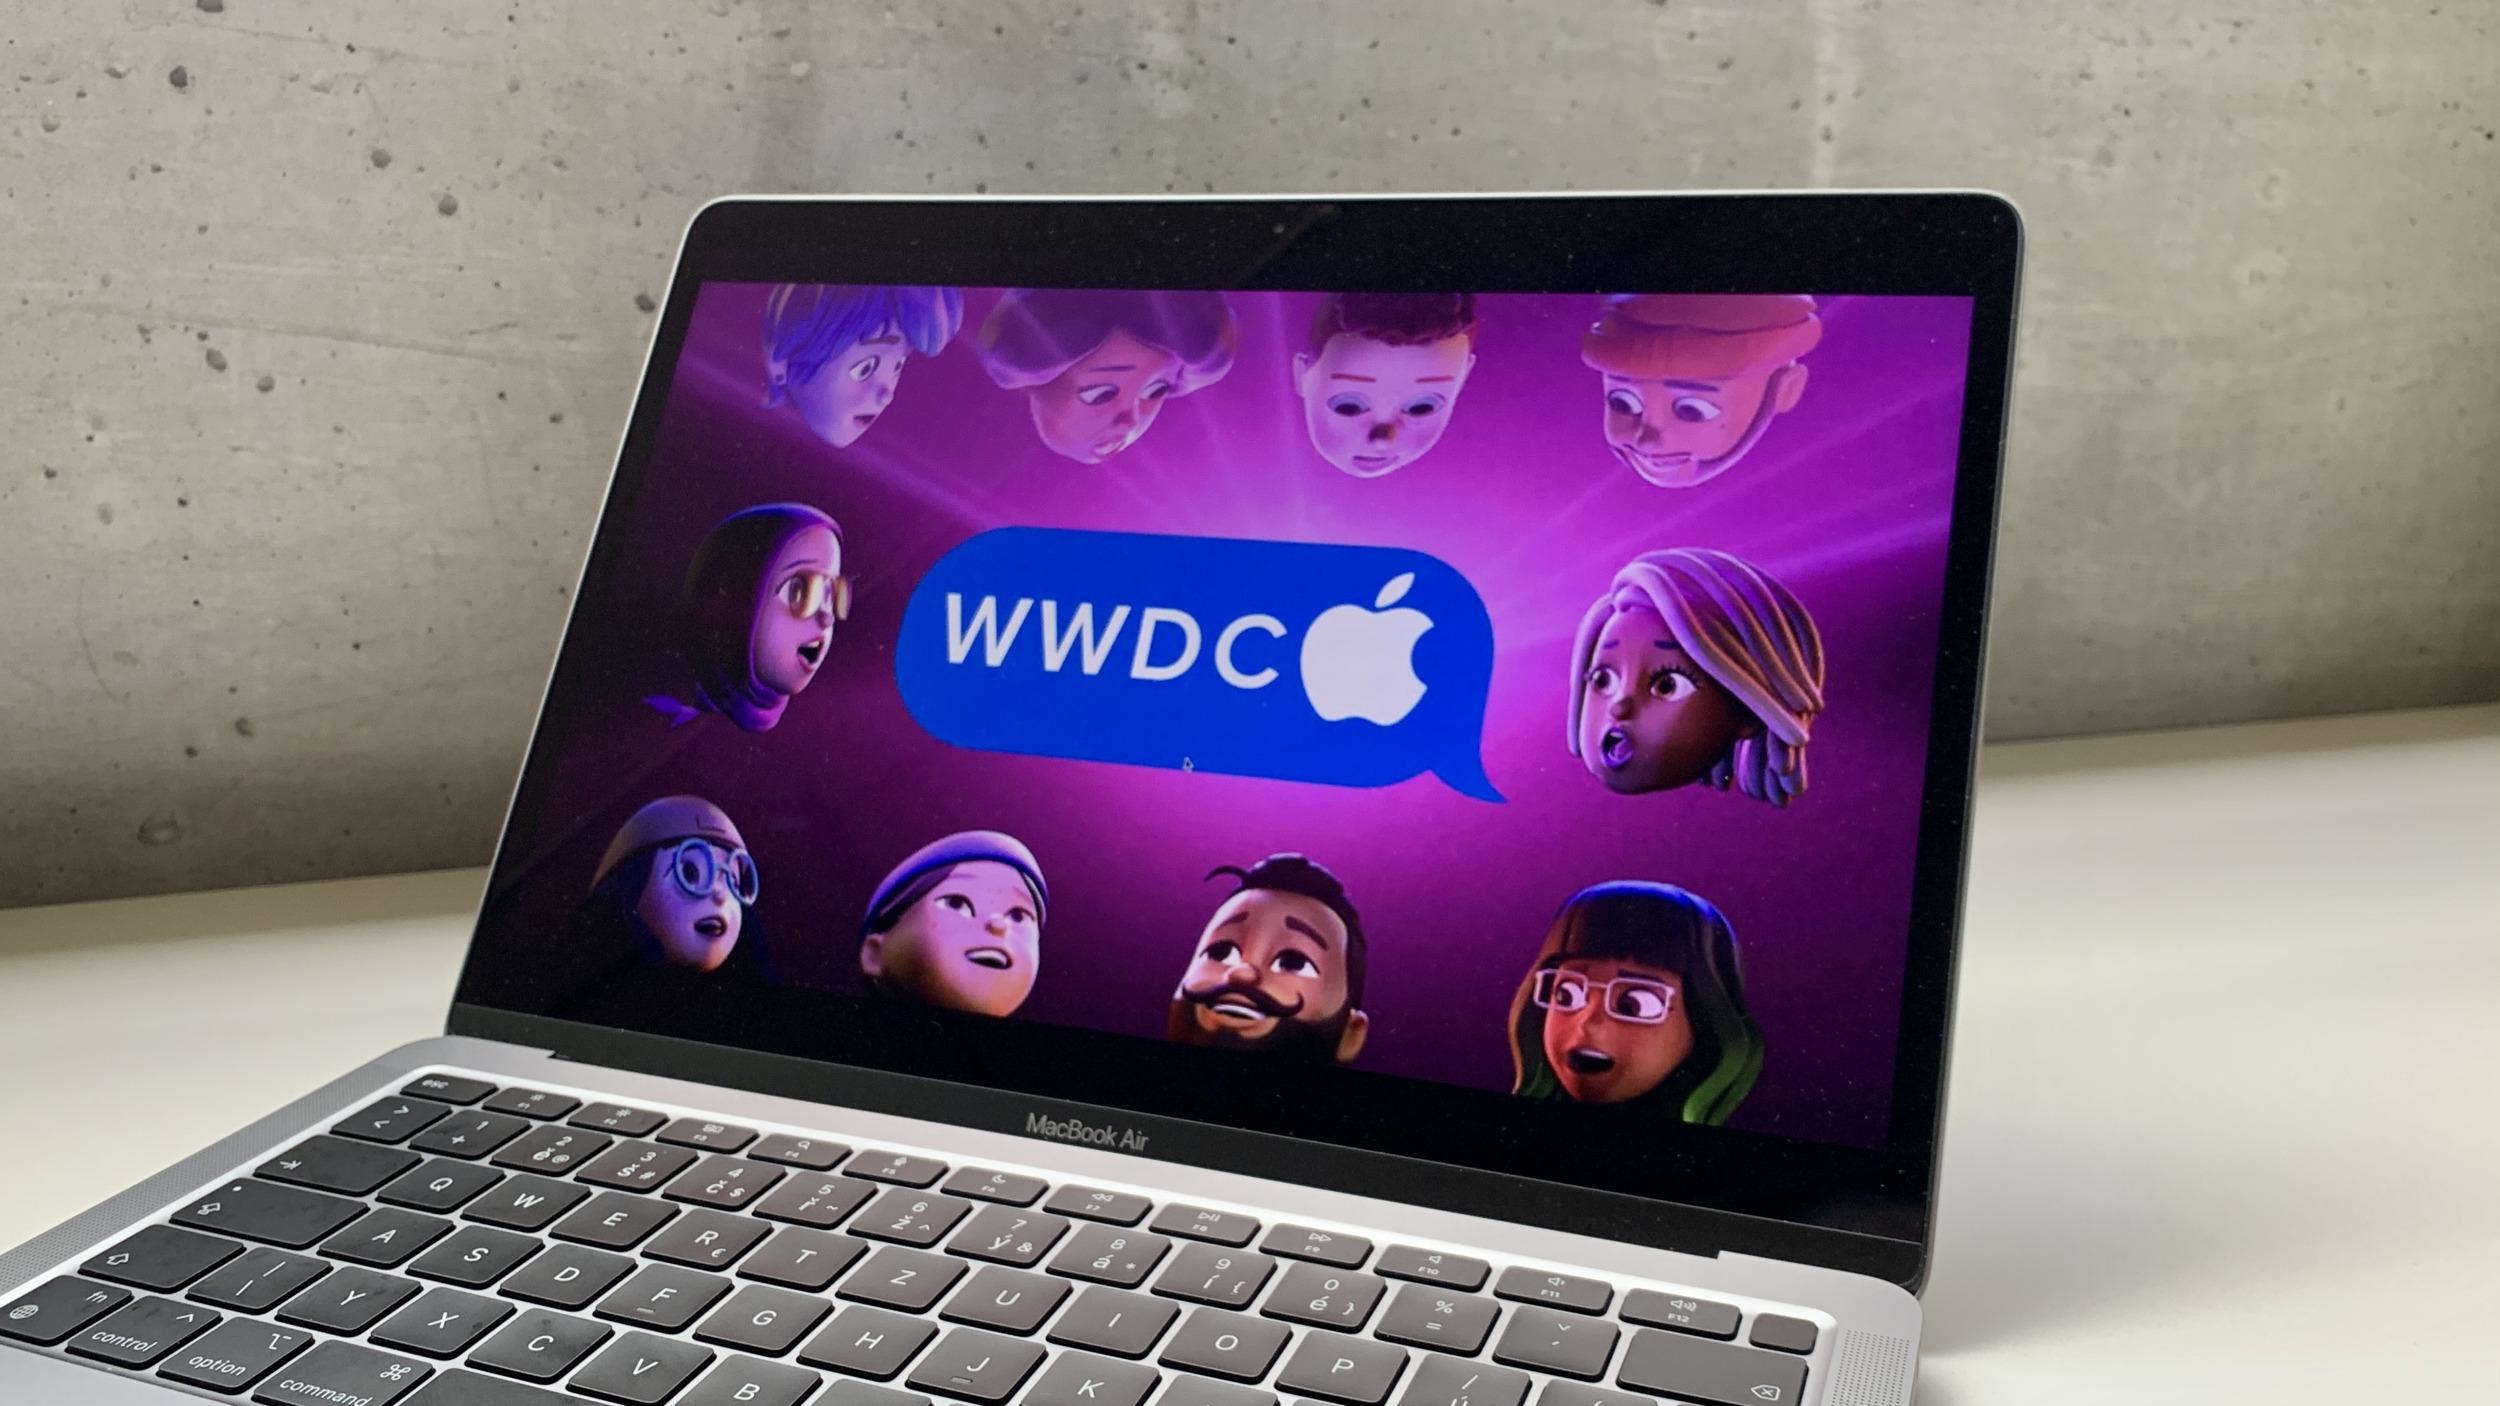 Již dnes v 19:00 startuje WWDC, kde Apple představí nový iOS 15 + jak sledovat